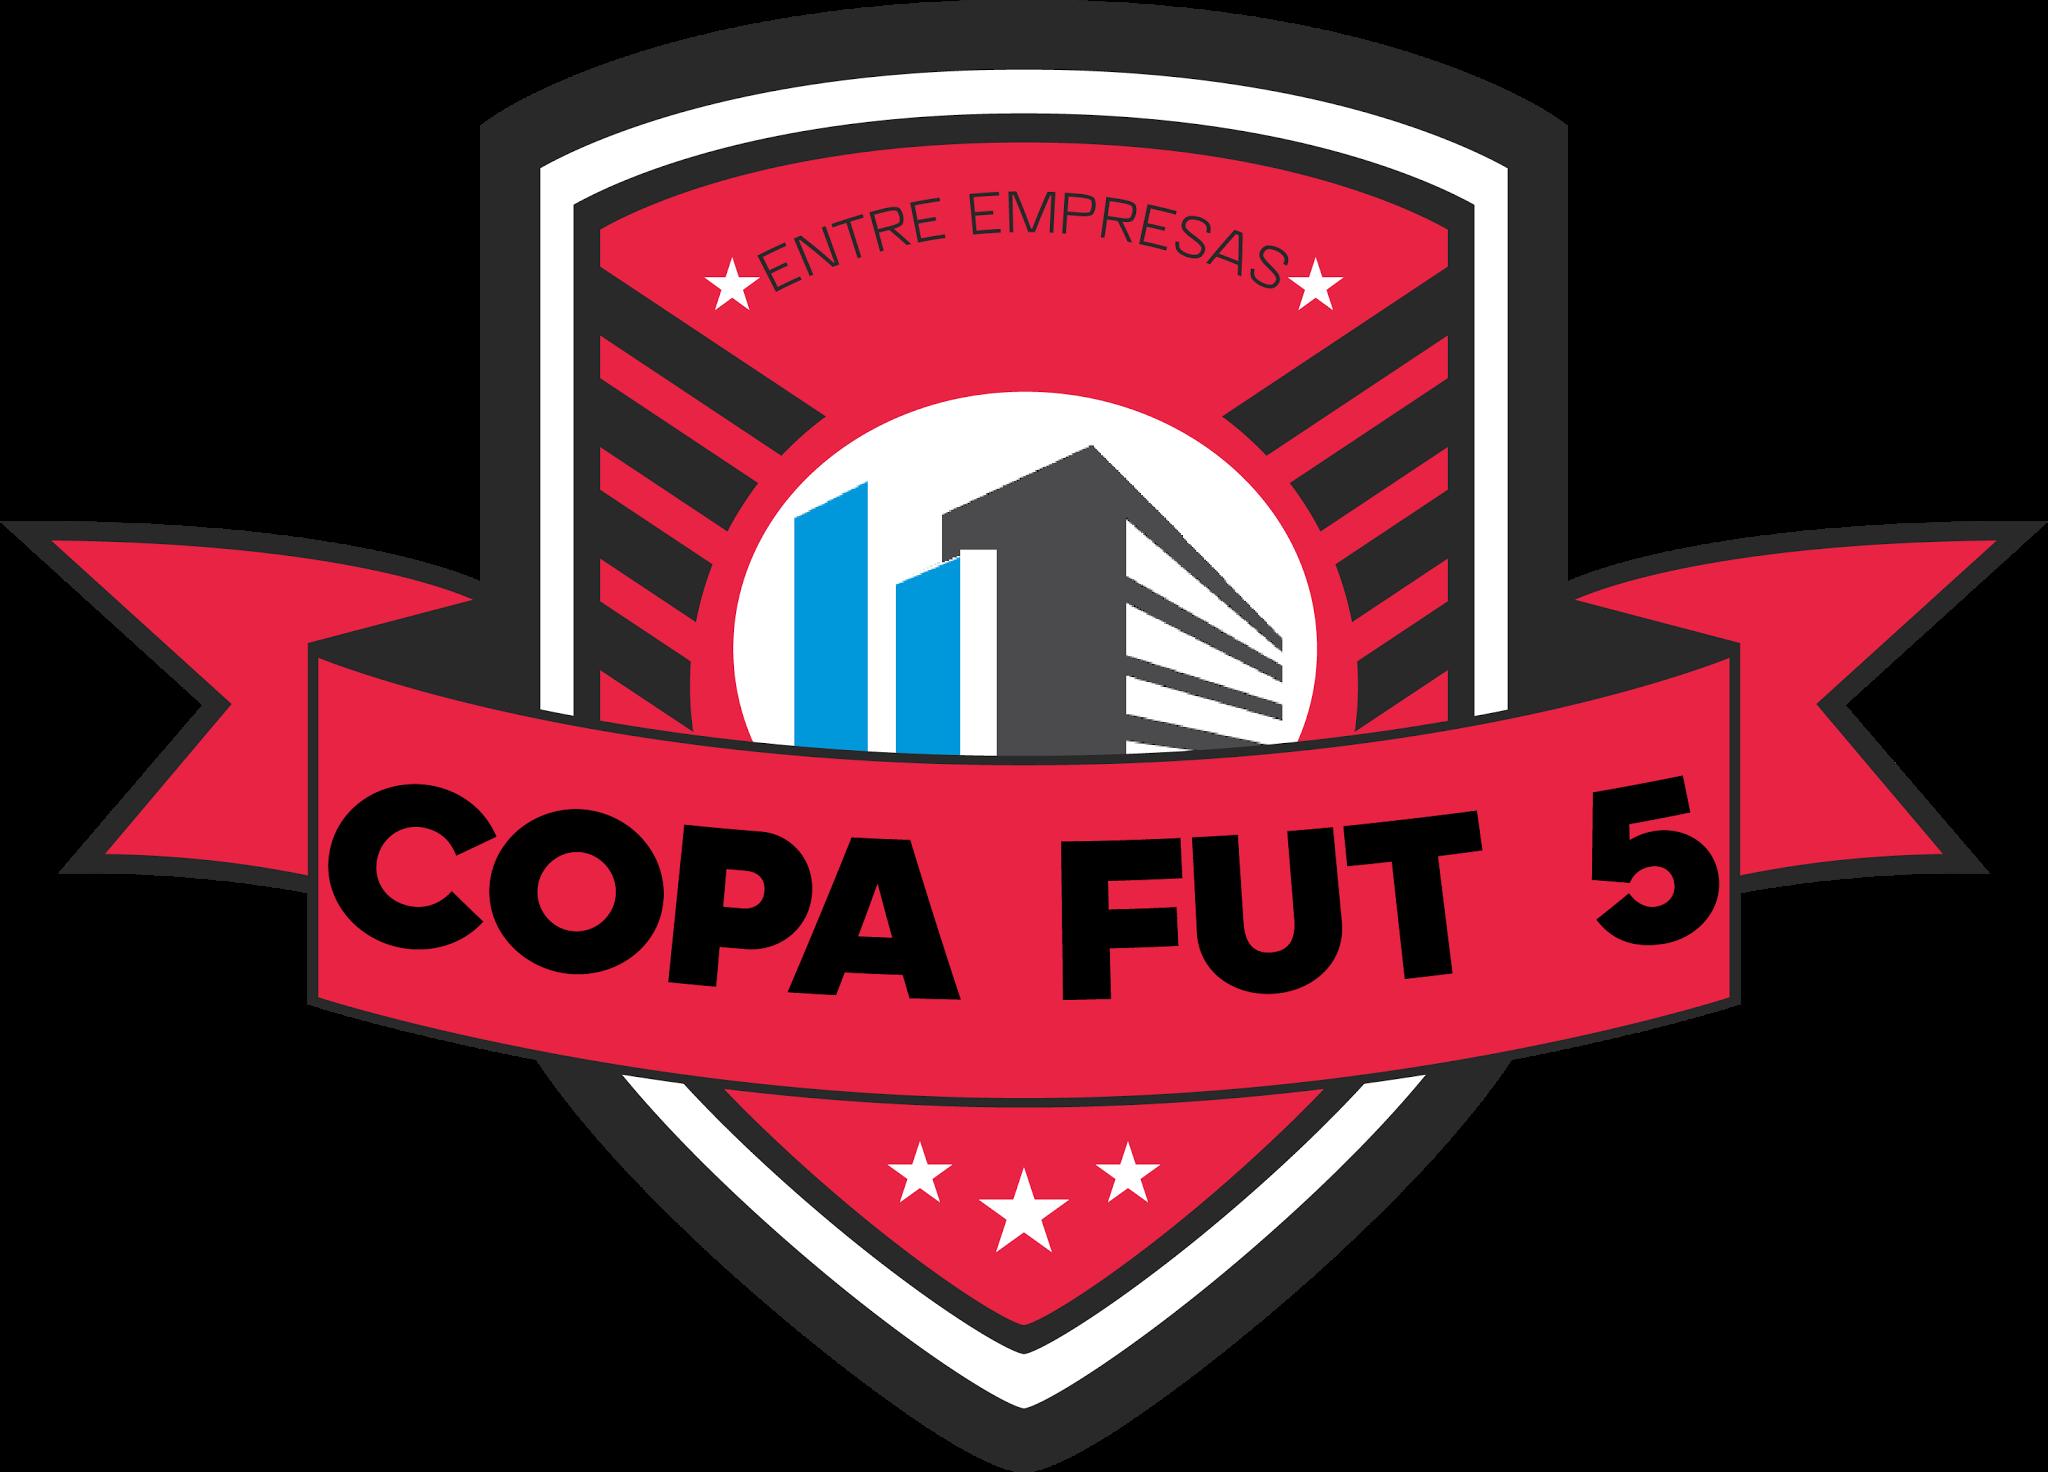 1ª Copa Fut 5 Entre empresas